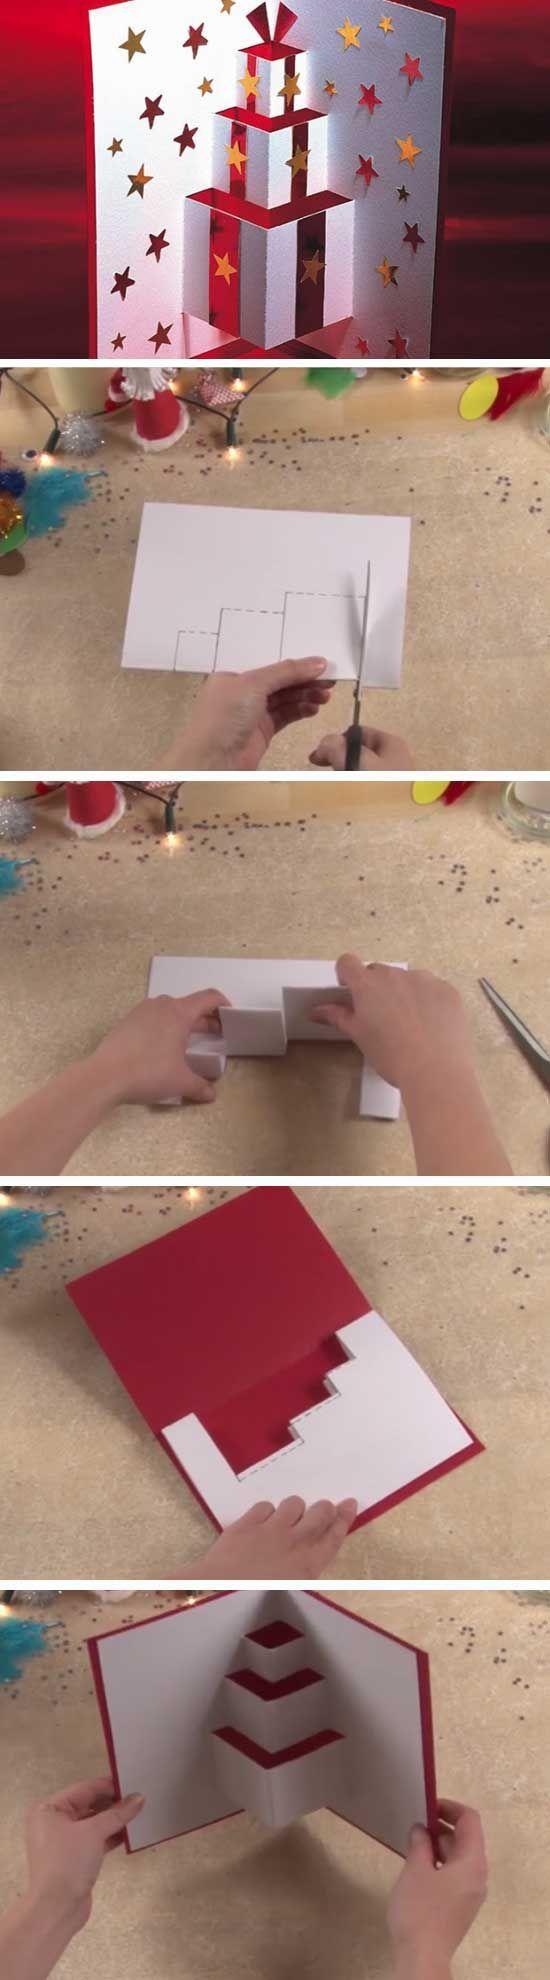 圣诞节贺卡 | 平面的立体的,各种创意贺卡大集合!